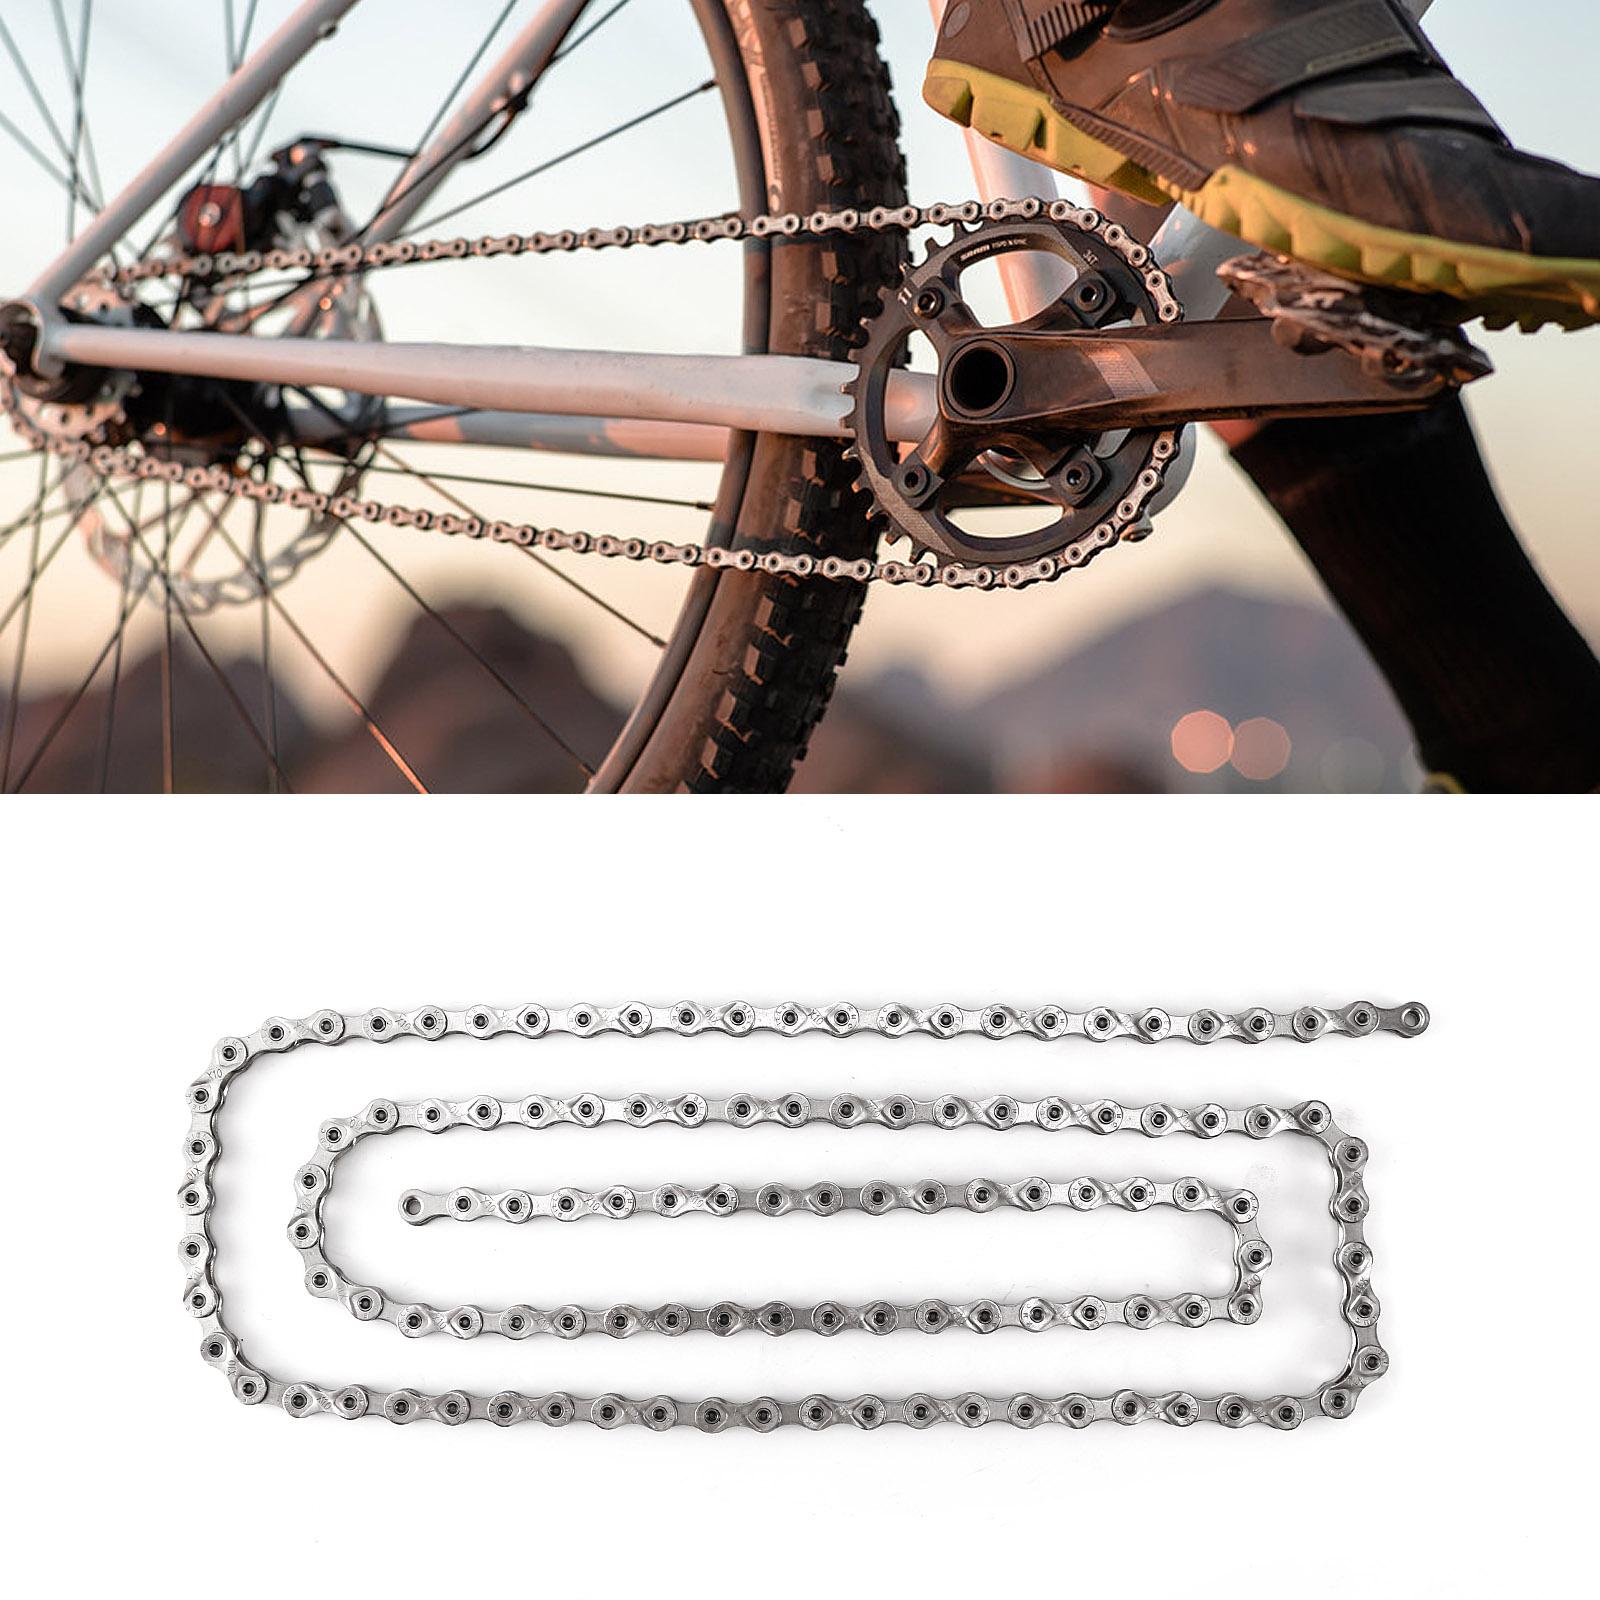 9 Speed MTB MTN Road Mountain Bike Bicycle Chain Steel Repair 6 7 8 Speed